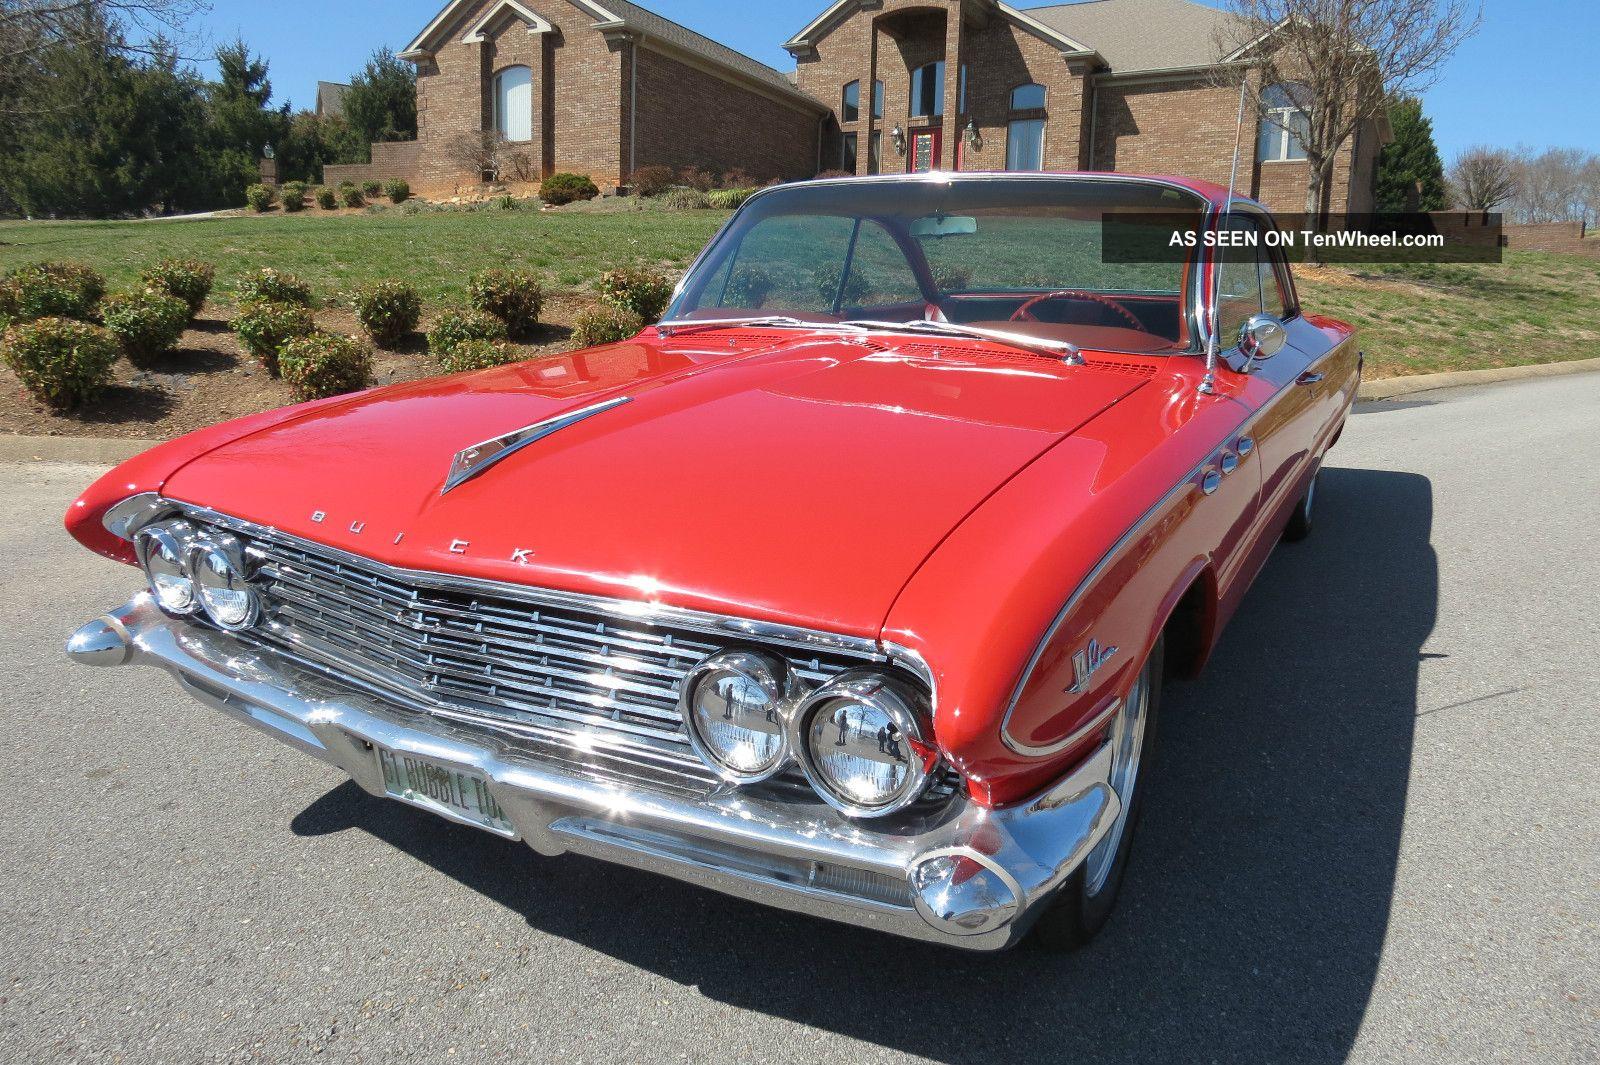 1961 Buick Lesabre Bubble Top LeSabre photo